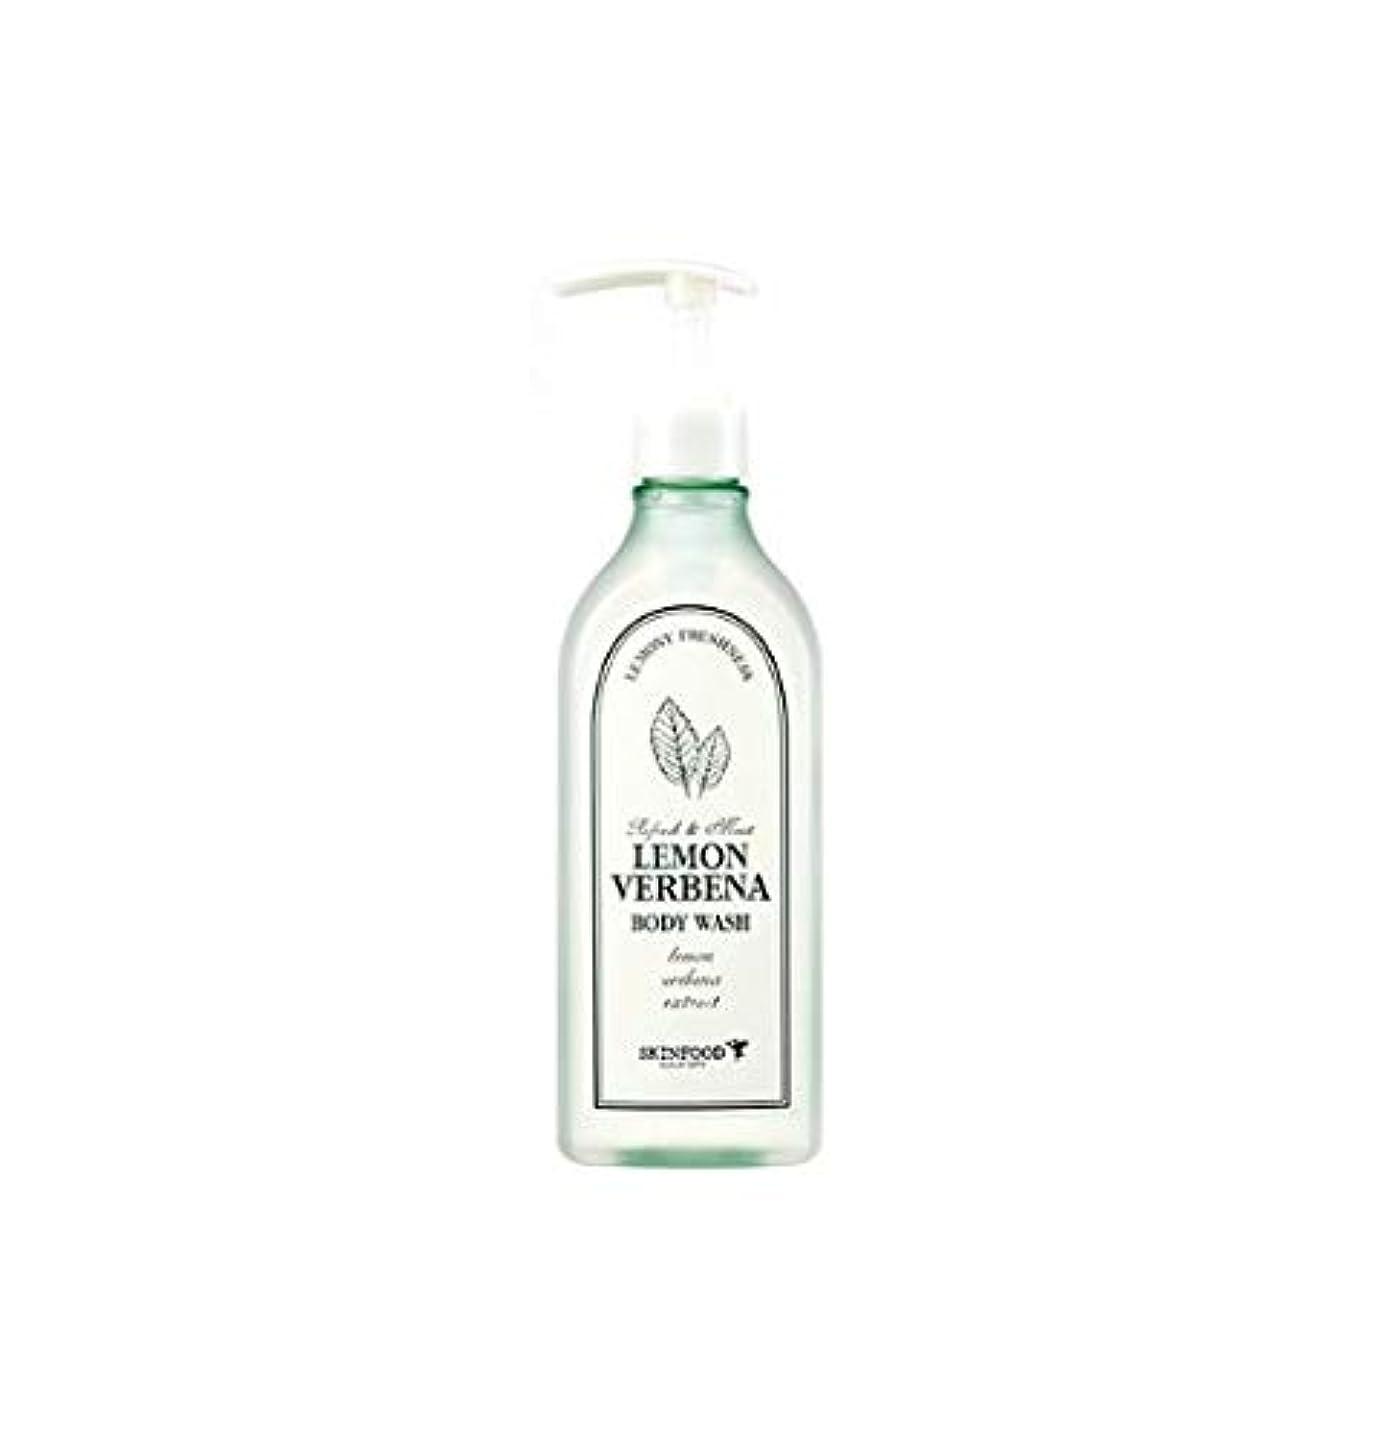 炭素精緻化避難するSkinfood レモンバーベナボディウォッシュ/Lemon Verbena Body Wash 335ml [並行輸入品]